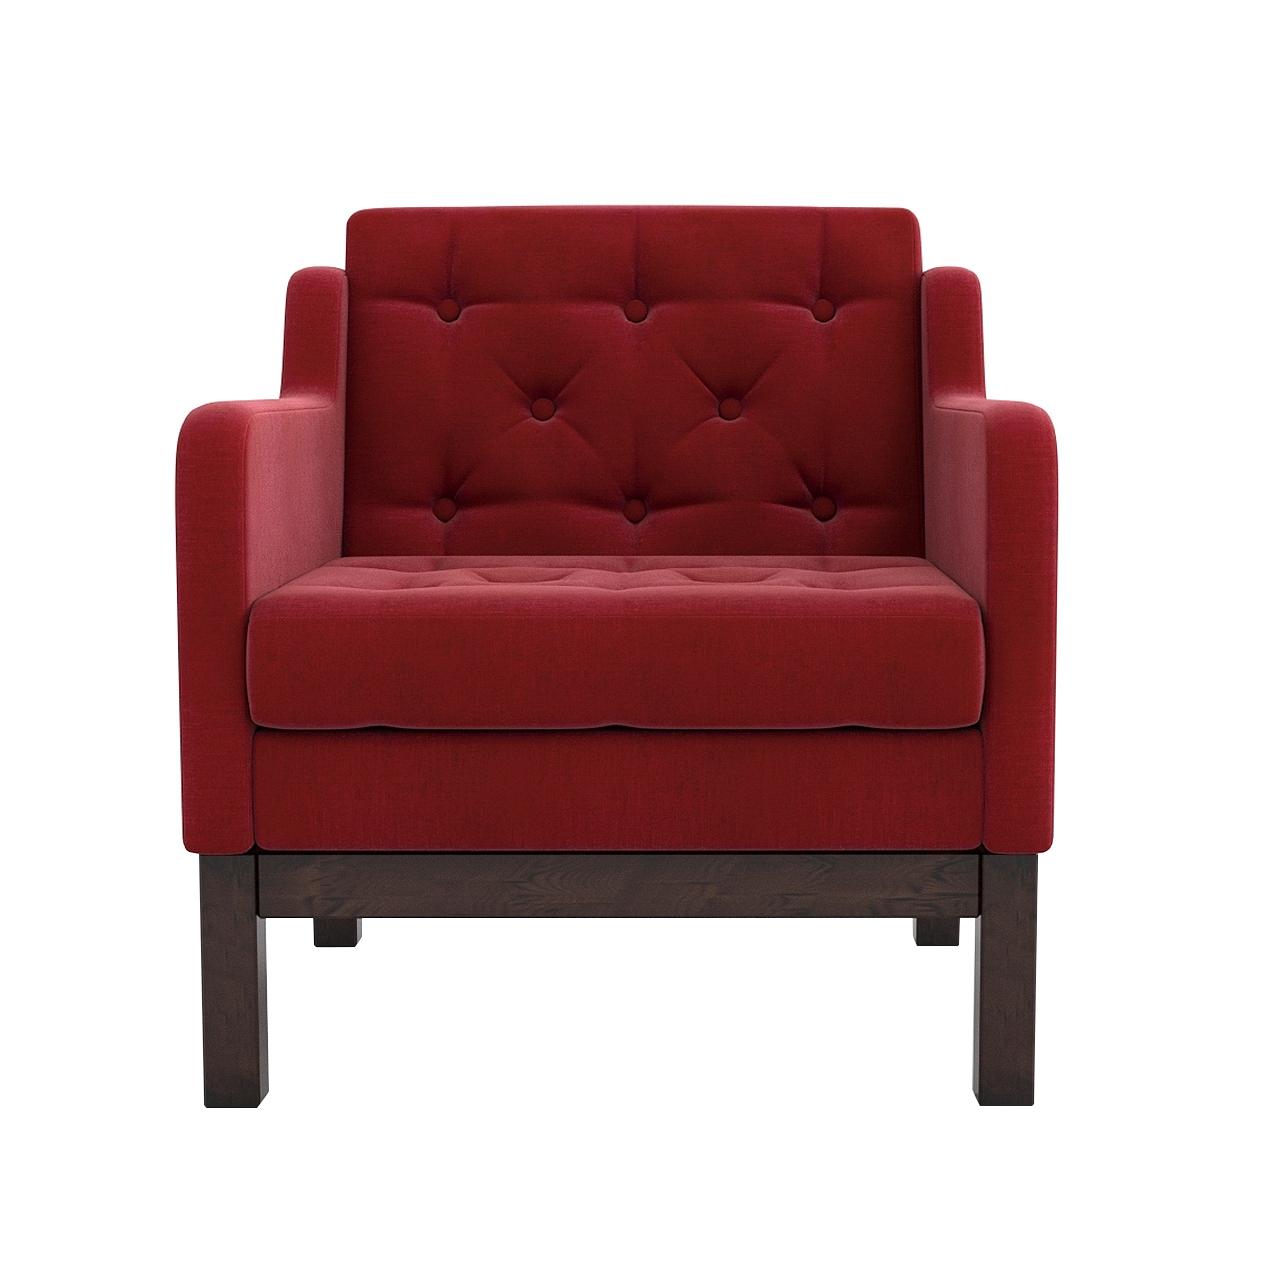 Кресло AS Алана 75.5x82x83 венге/красный недорого